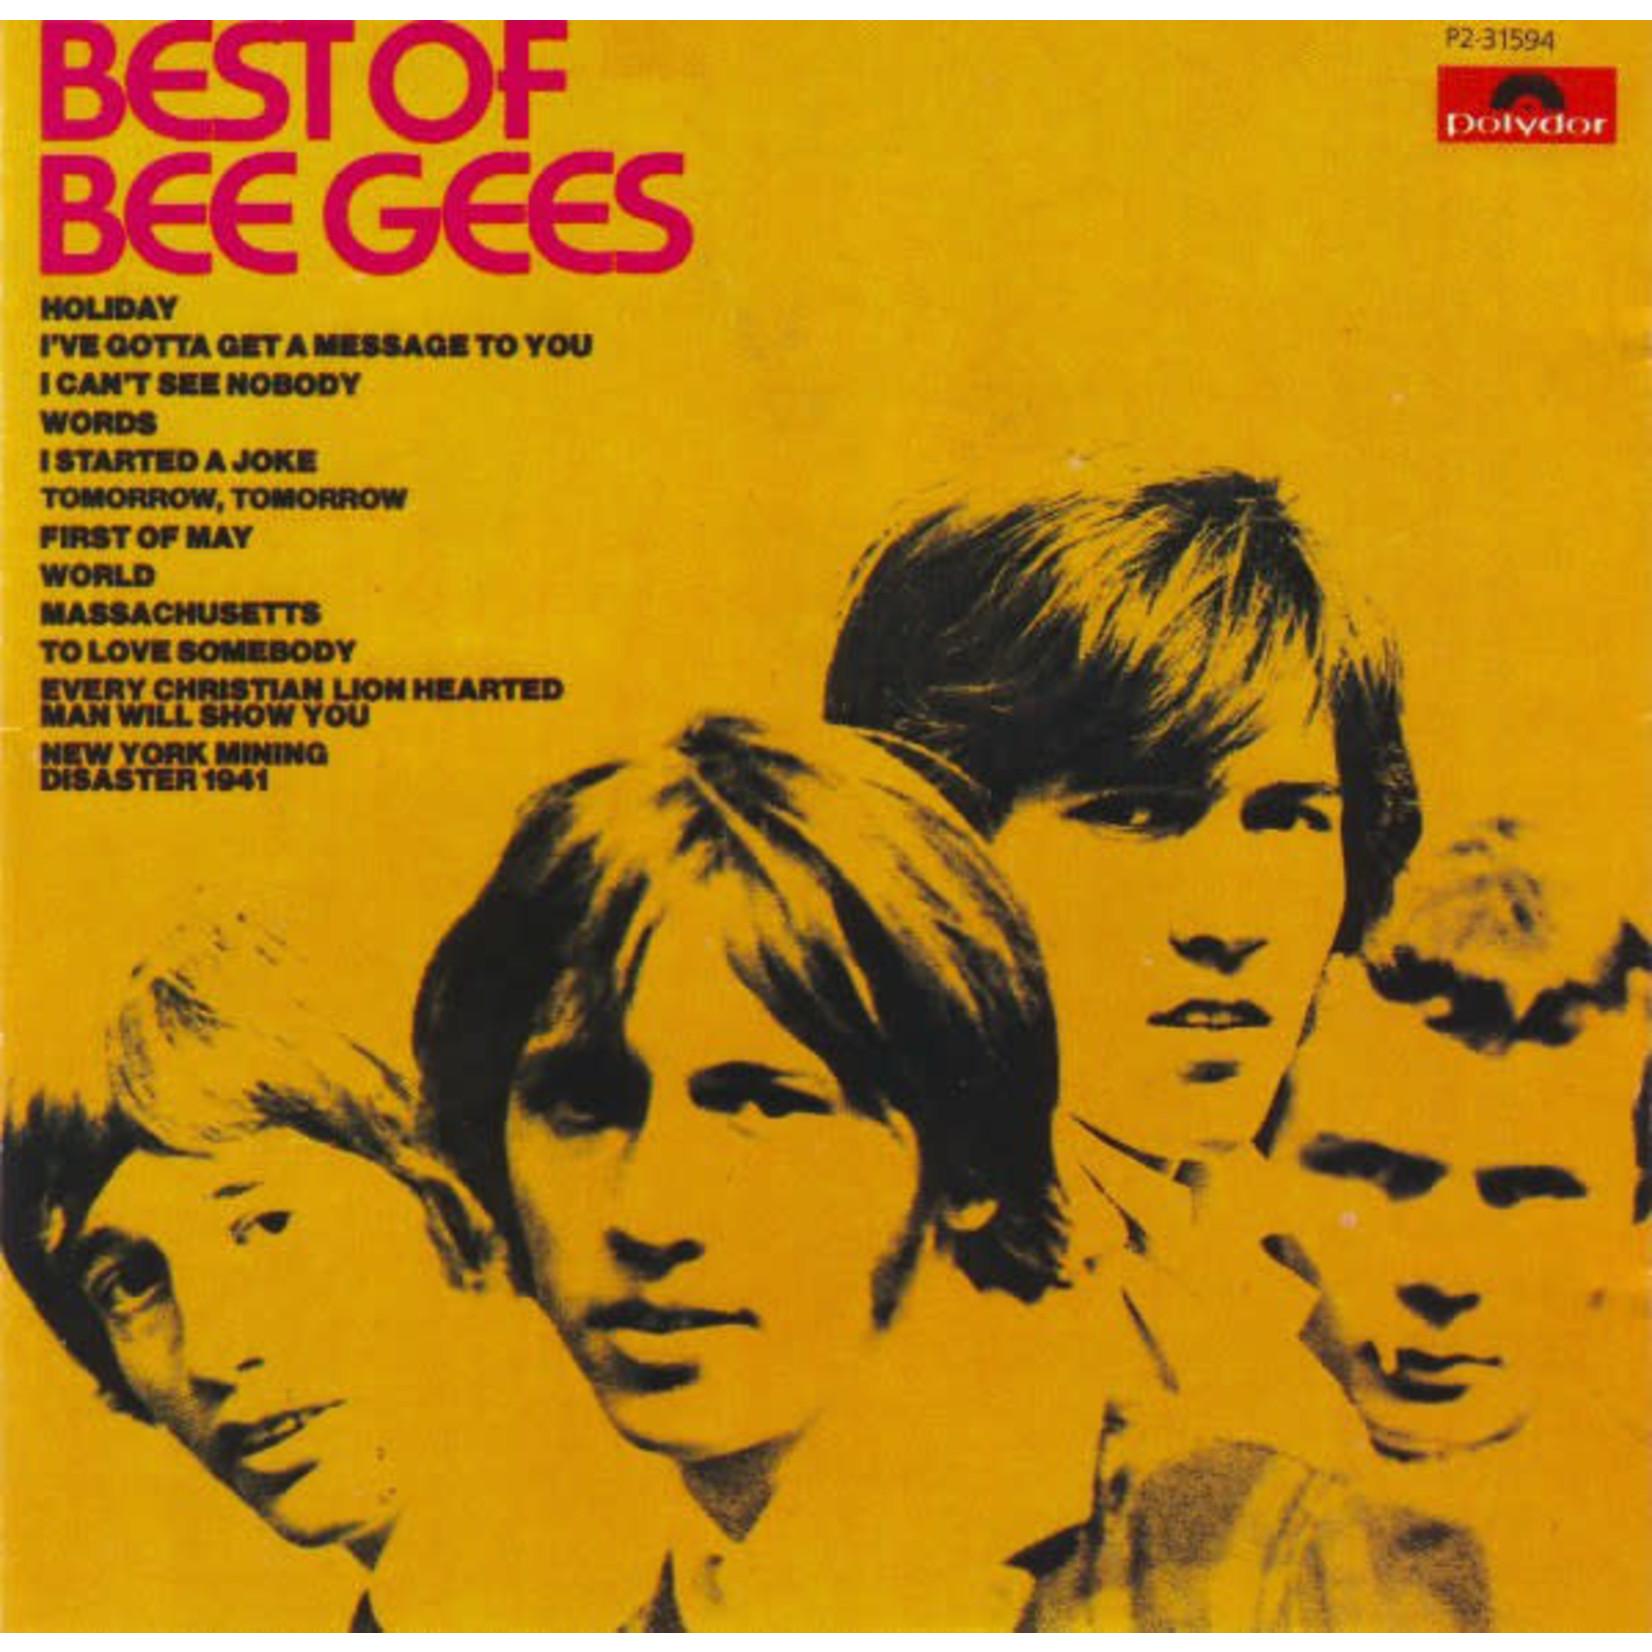 [Vintage] Bee Gees: Best of... Vol. 1